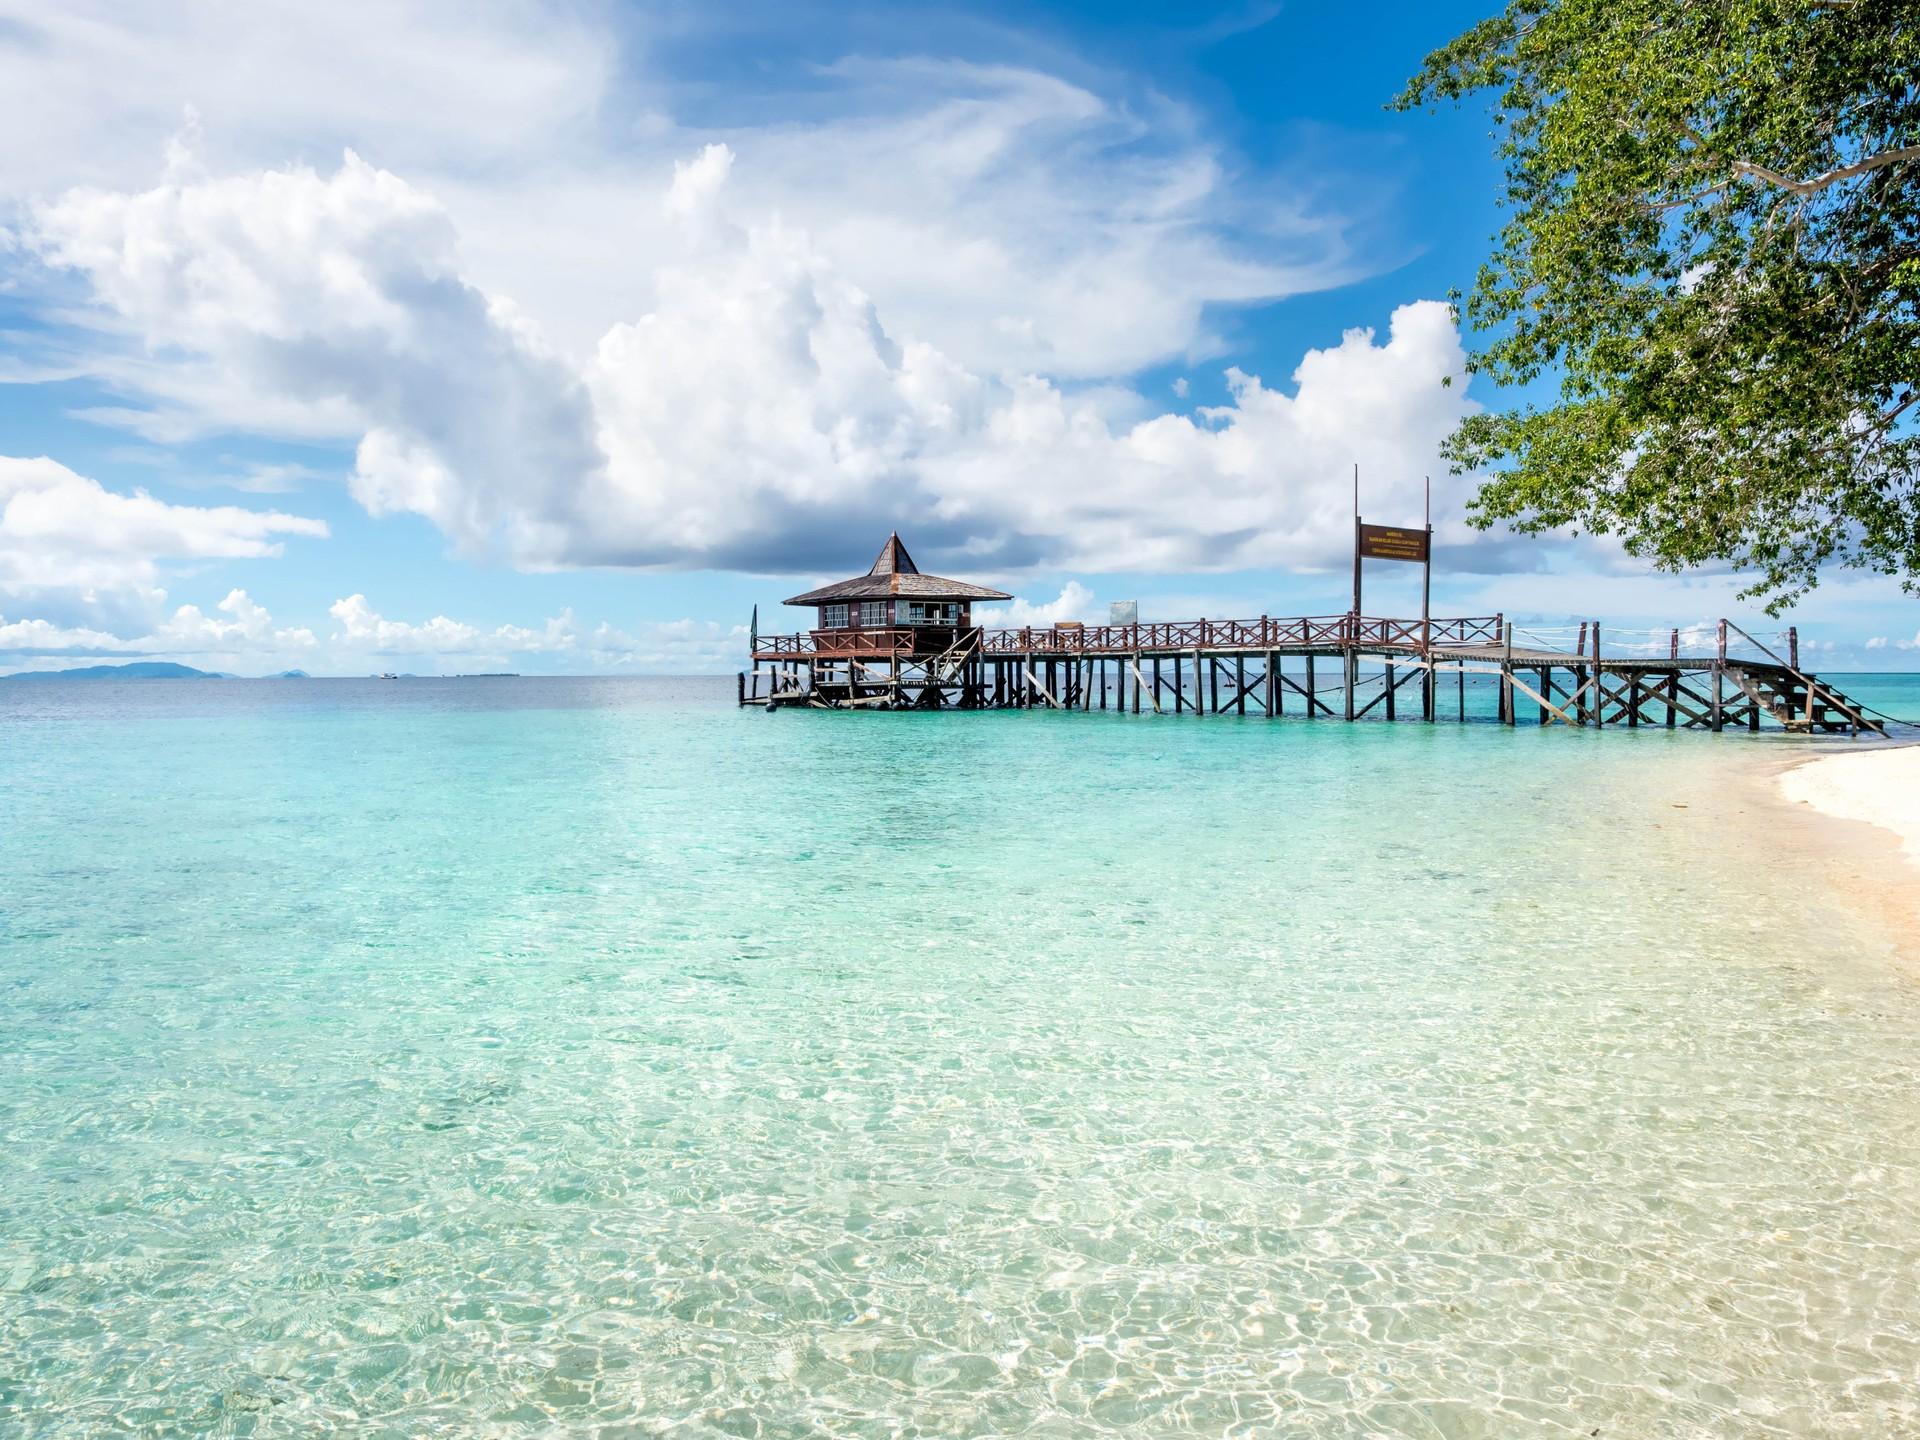 Sipadan Island in Borneo